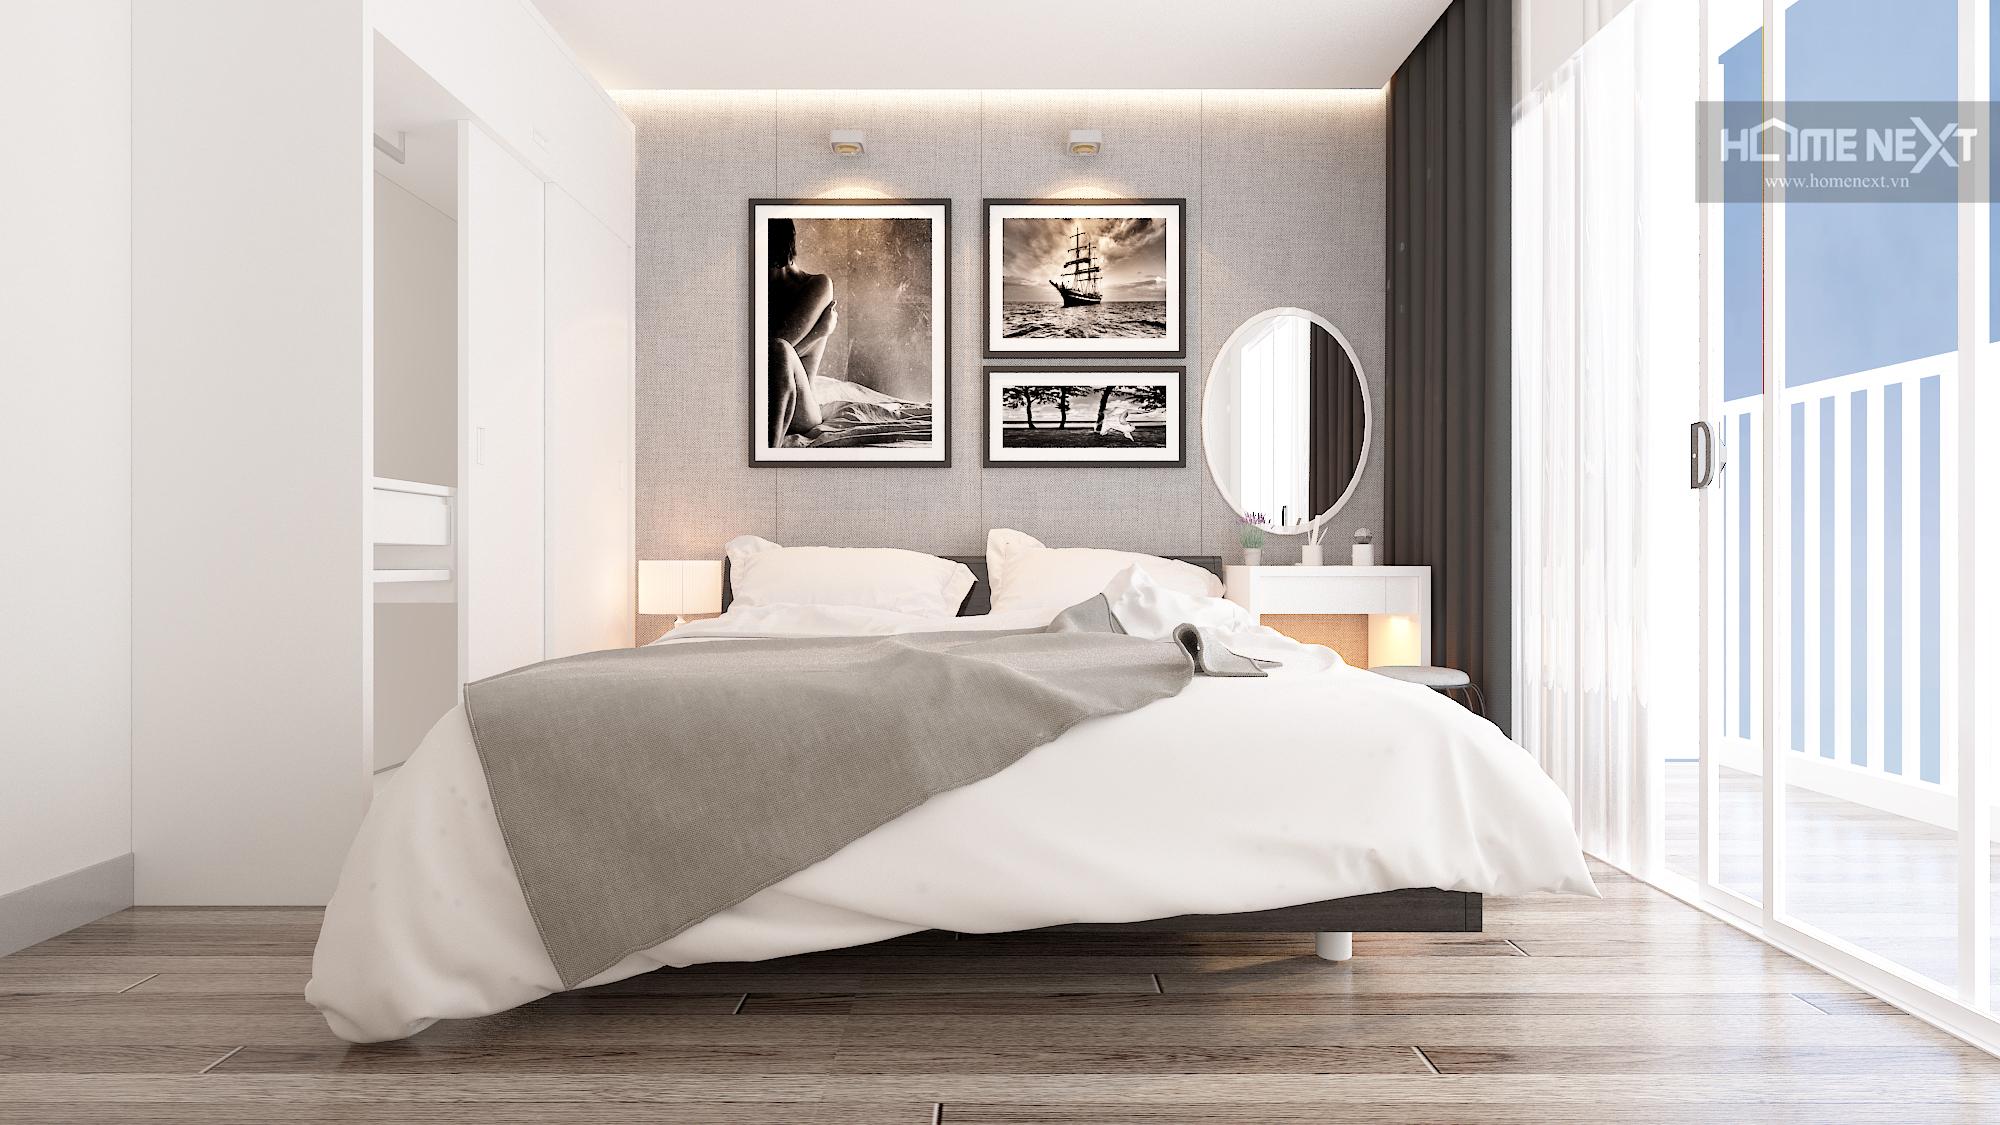 Bán lại căn hộ chung cư Eco Xuân Lái Thiêu 3 phòng ngủ